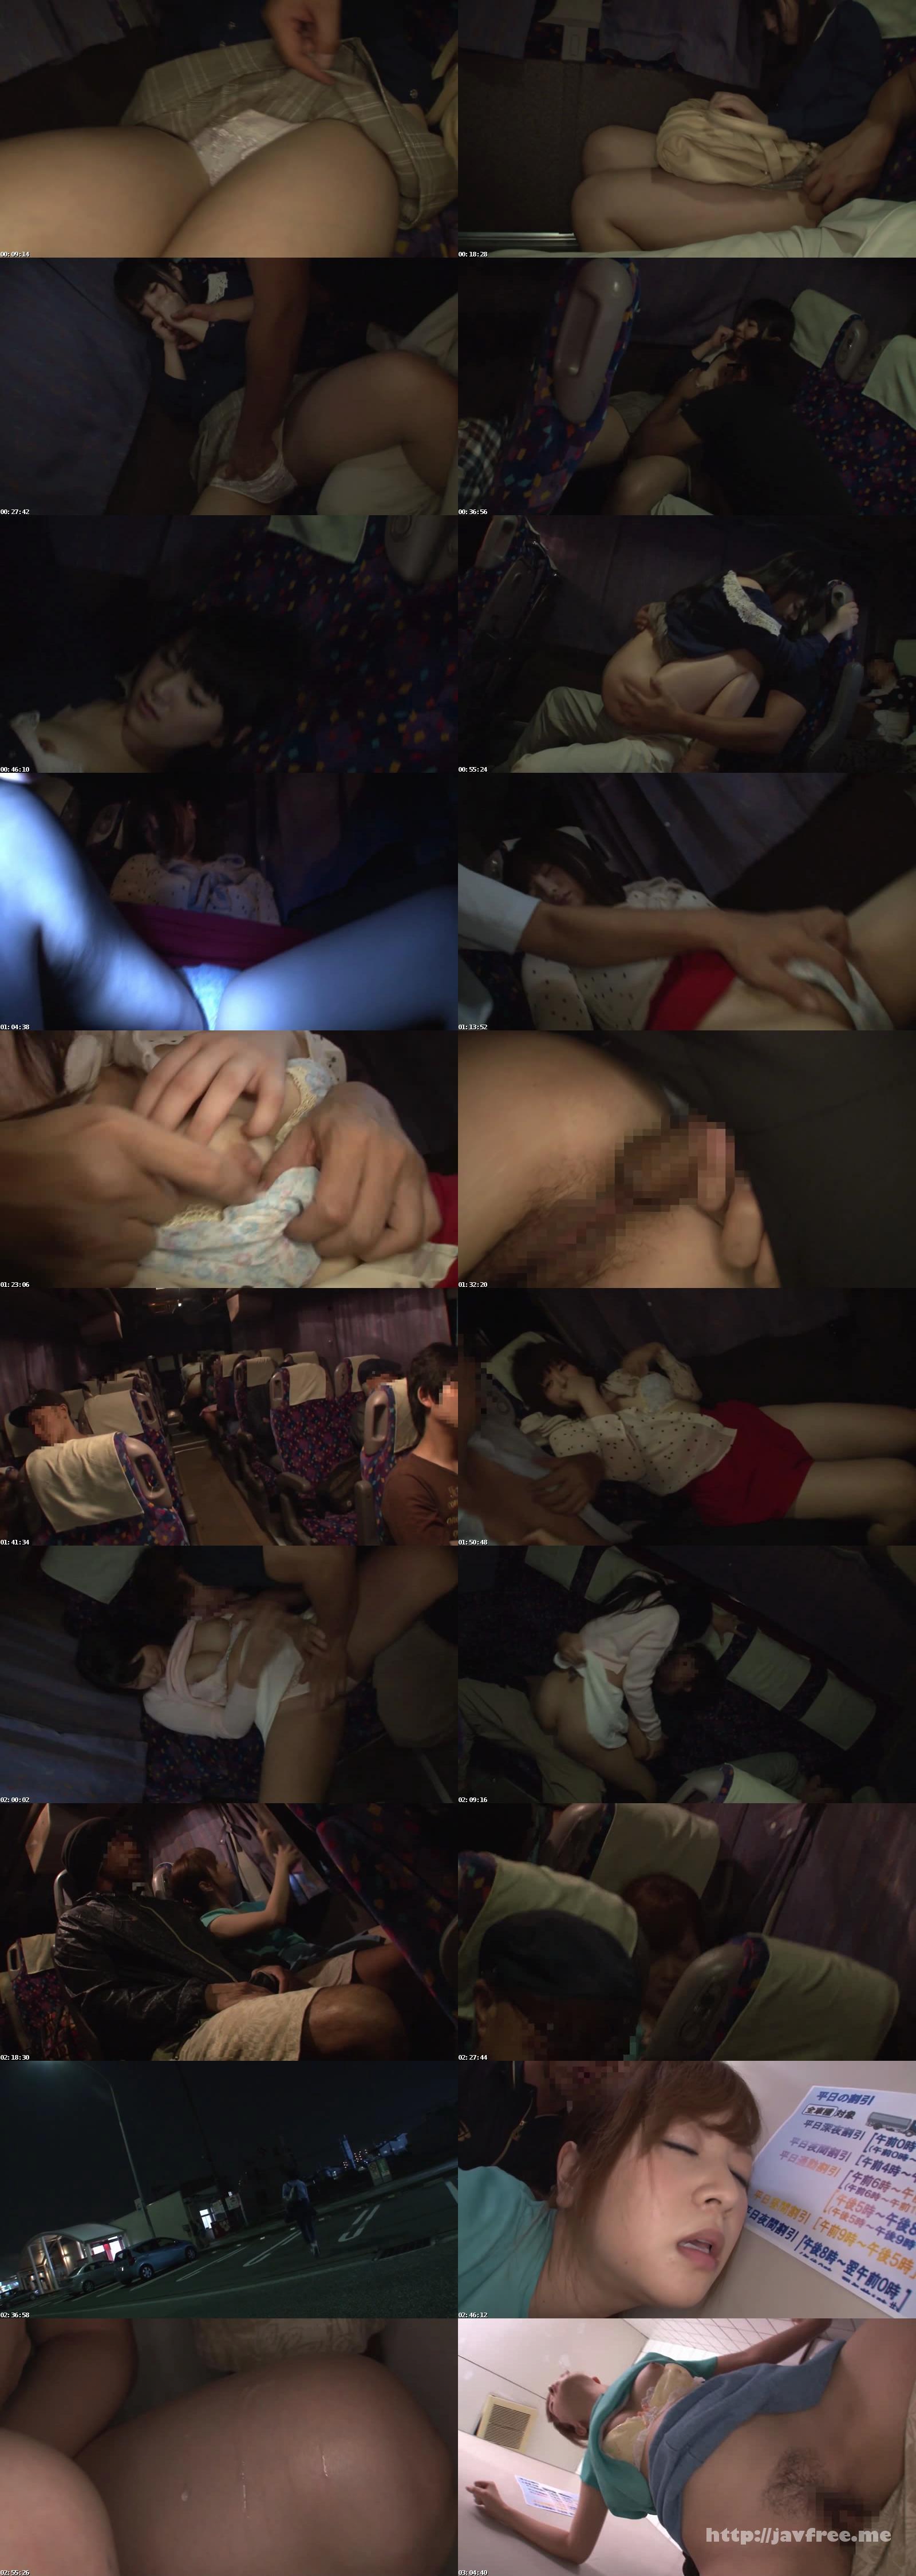 [NHDTA 608] 夜行バスで声も出せずイカされた隙に生ハメされた女はスローピストンの痺れる快感に理性を失い中出しも拒めない NHDTA